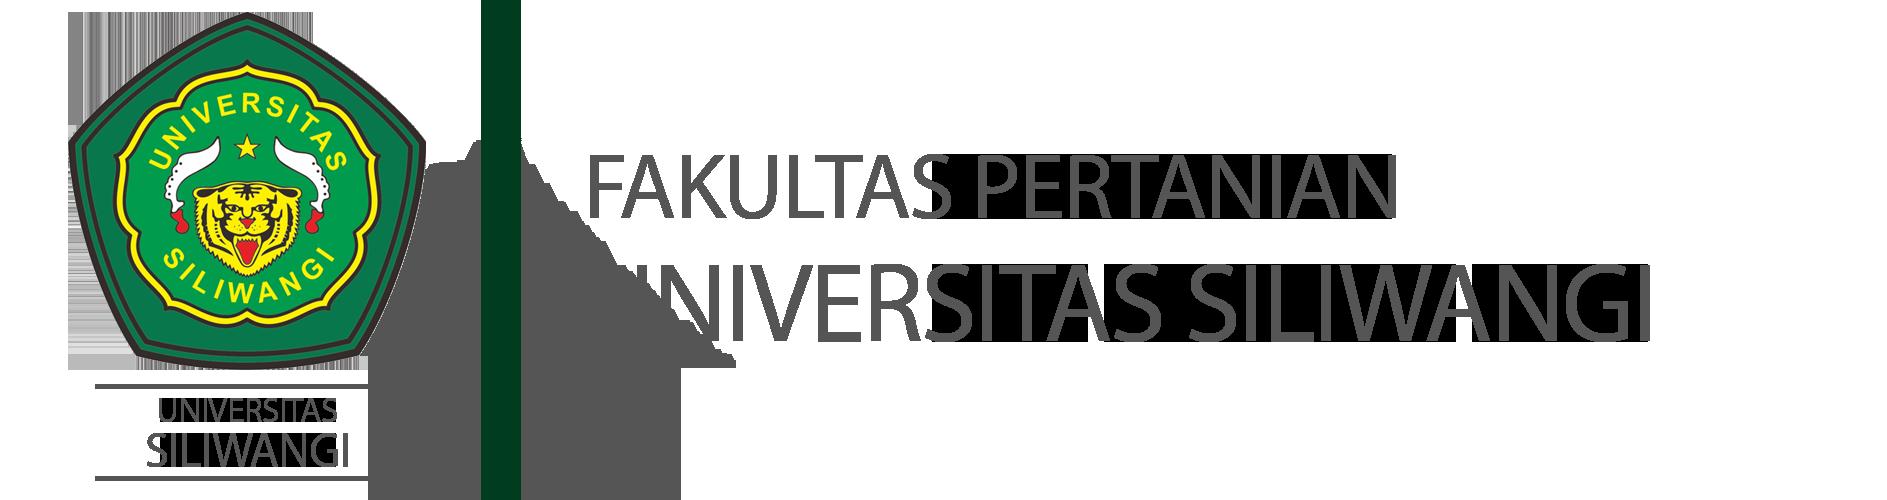 Website Resmi Fakultas Pertanian Universitas Siliwangi